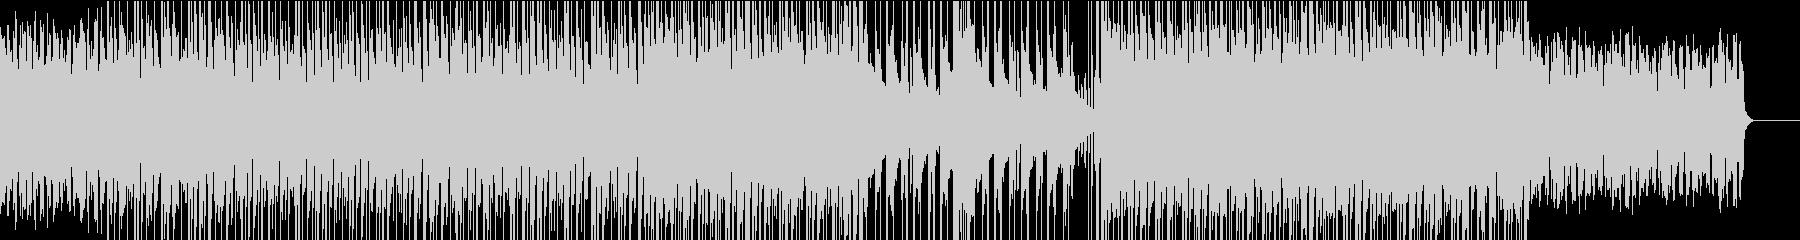 ハウス✖︎グレゴリオ聖歌風なBGMの未再生の波形